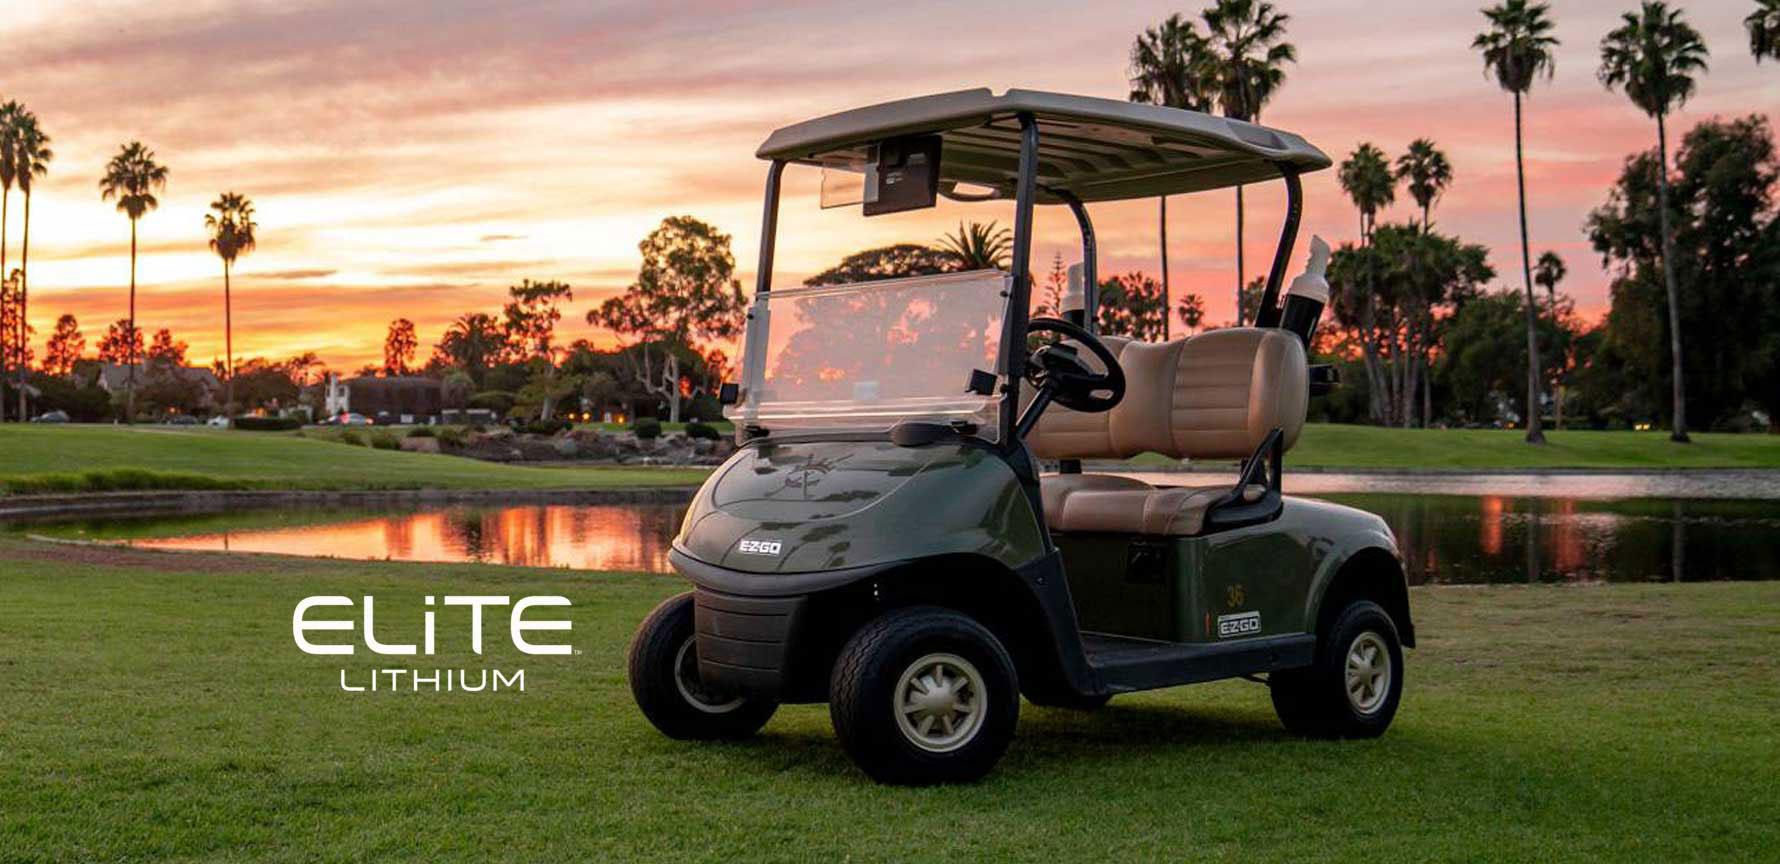 1-Elite-Lithium-Golf-Buggies